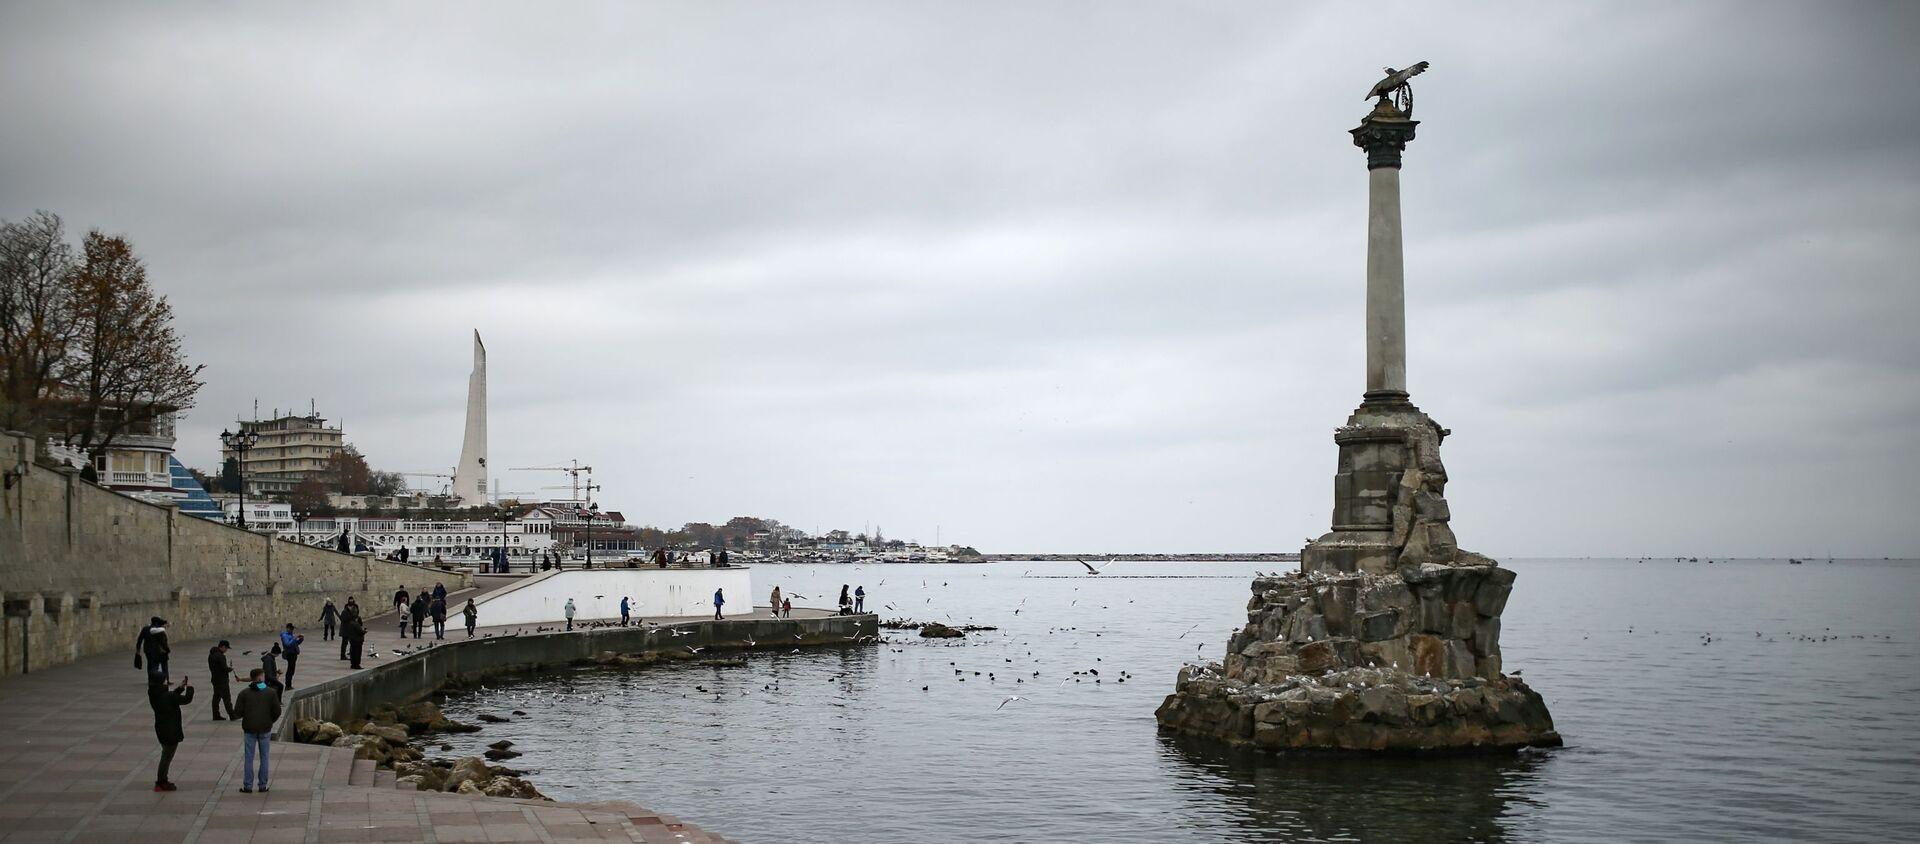 Споменик потопљеним бродовима у Севастопољу - Sputnik Србија, 1920, 05.06.2021